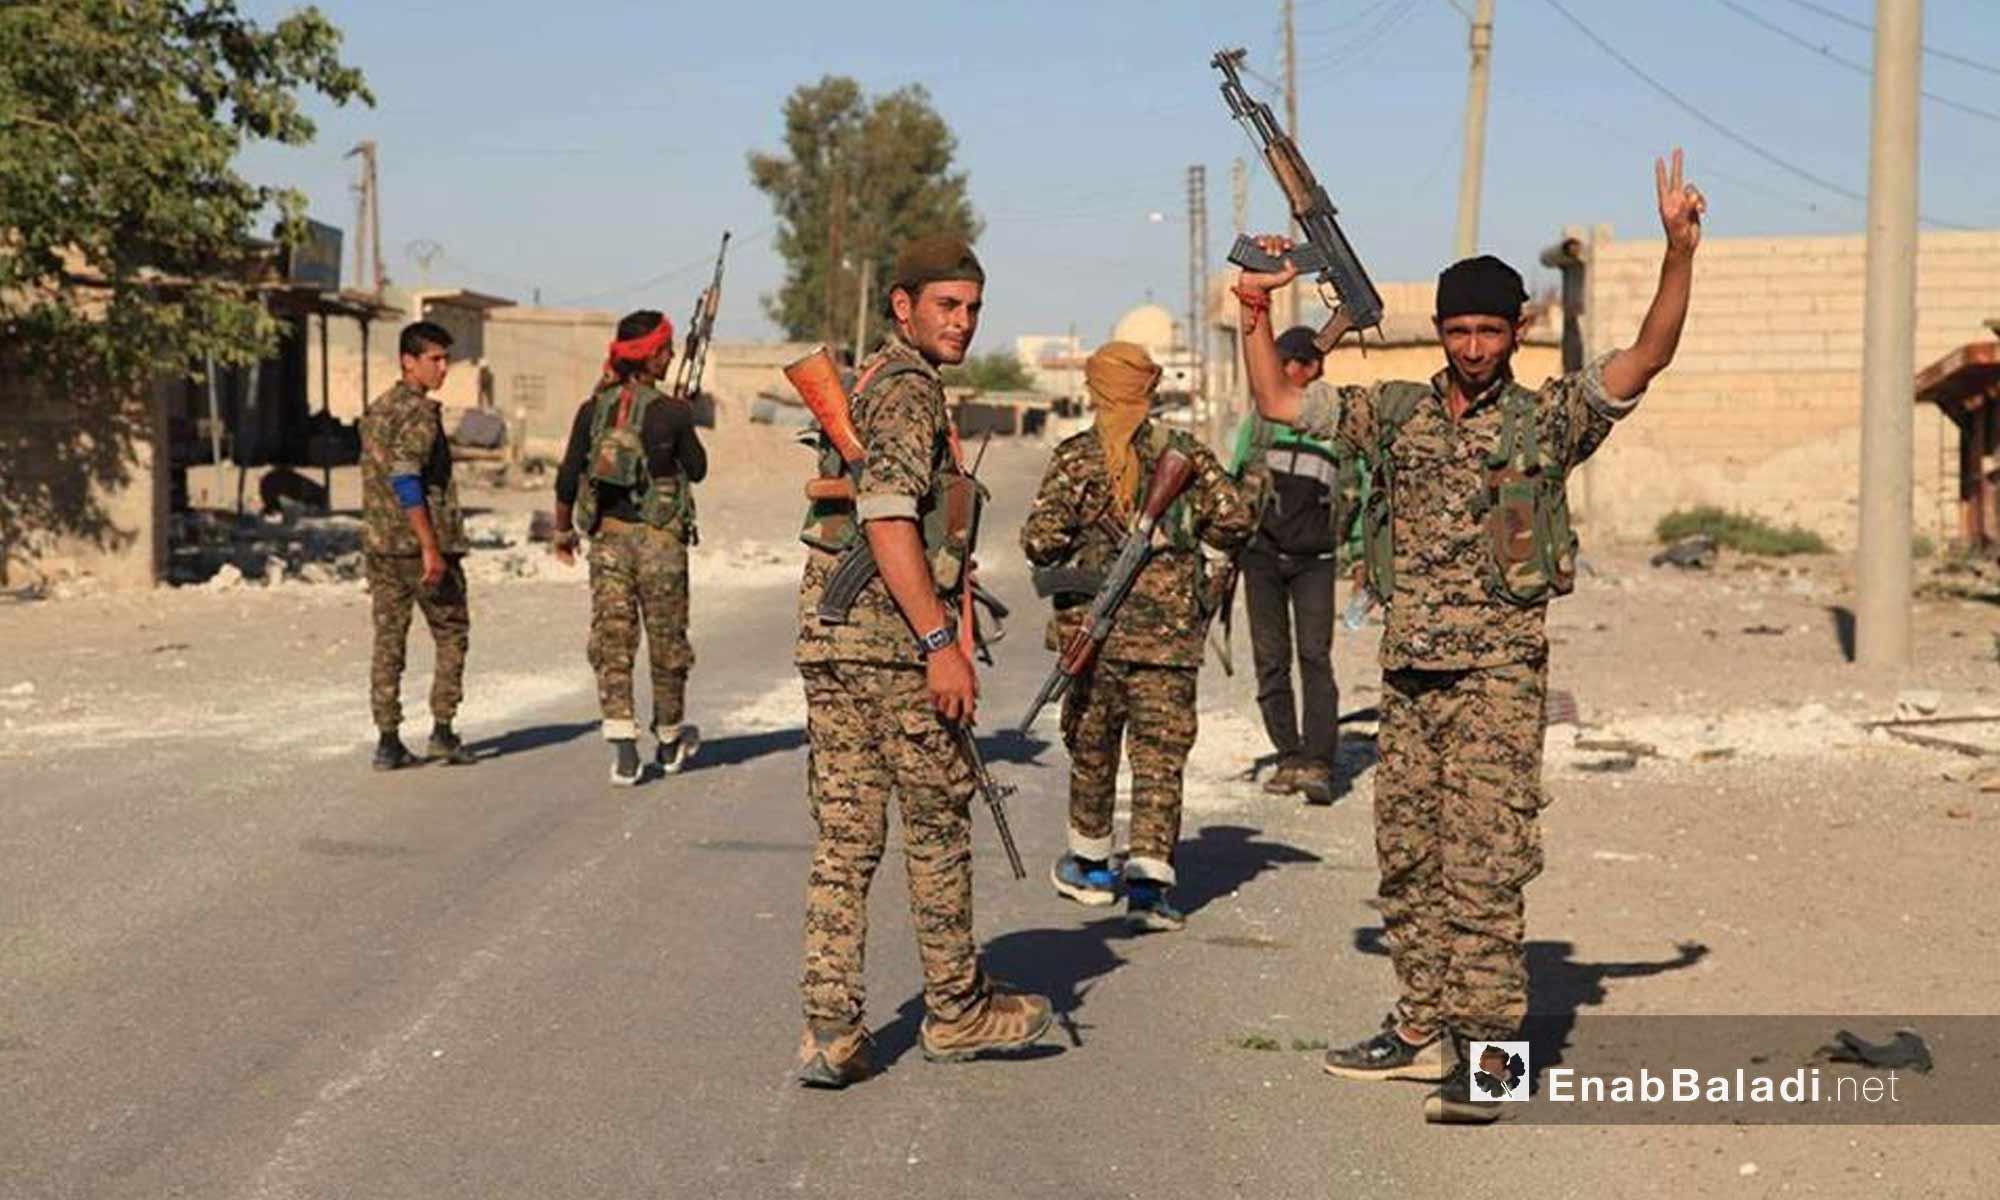 عناصر من قوات سوريا الديموقراطية في حي الصناعة في مدينة الرقة - 28 تموز 2017 -(عنب بلدي)